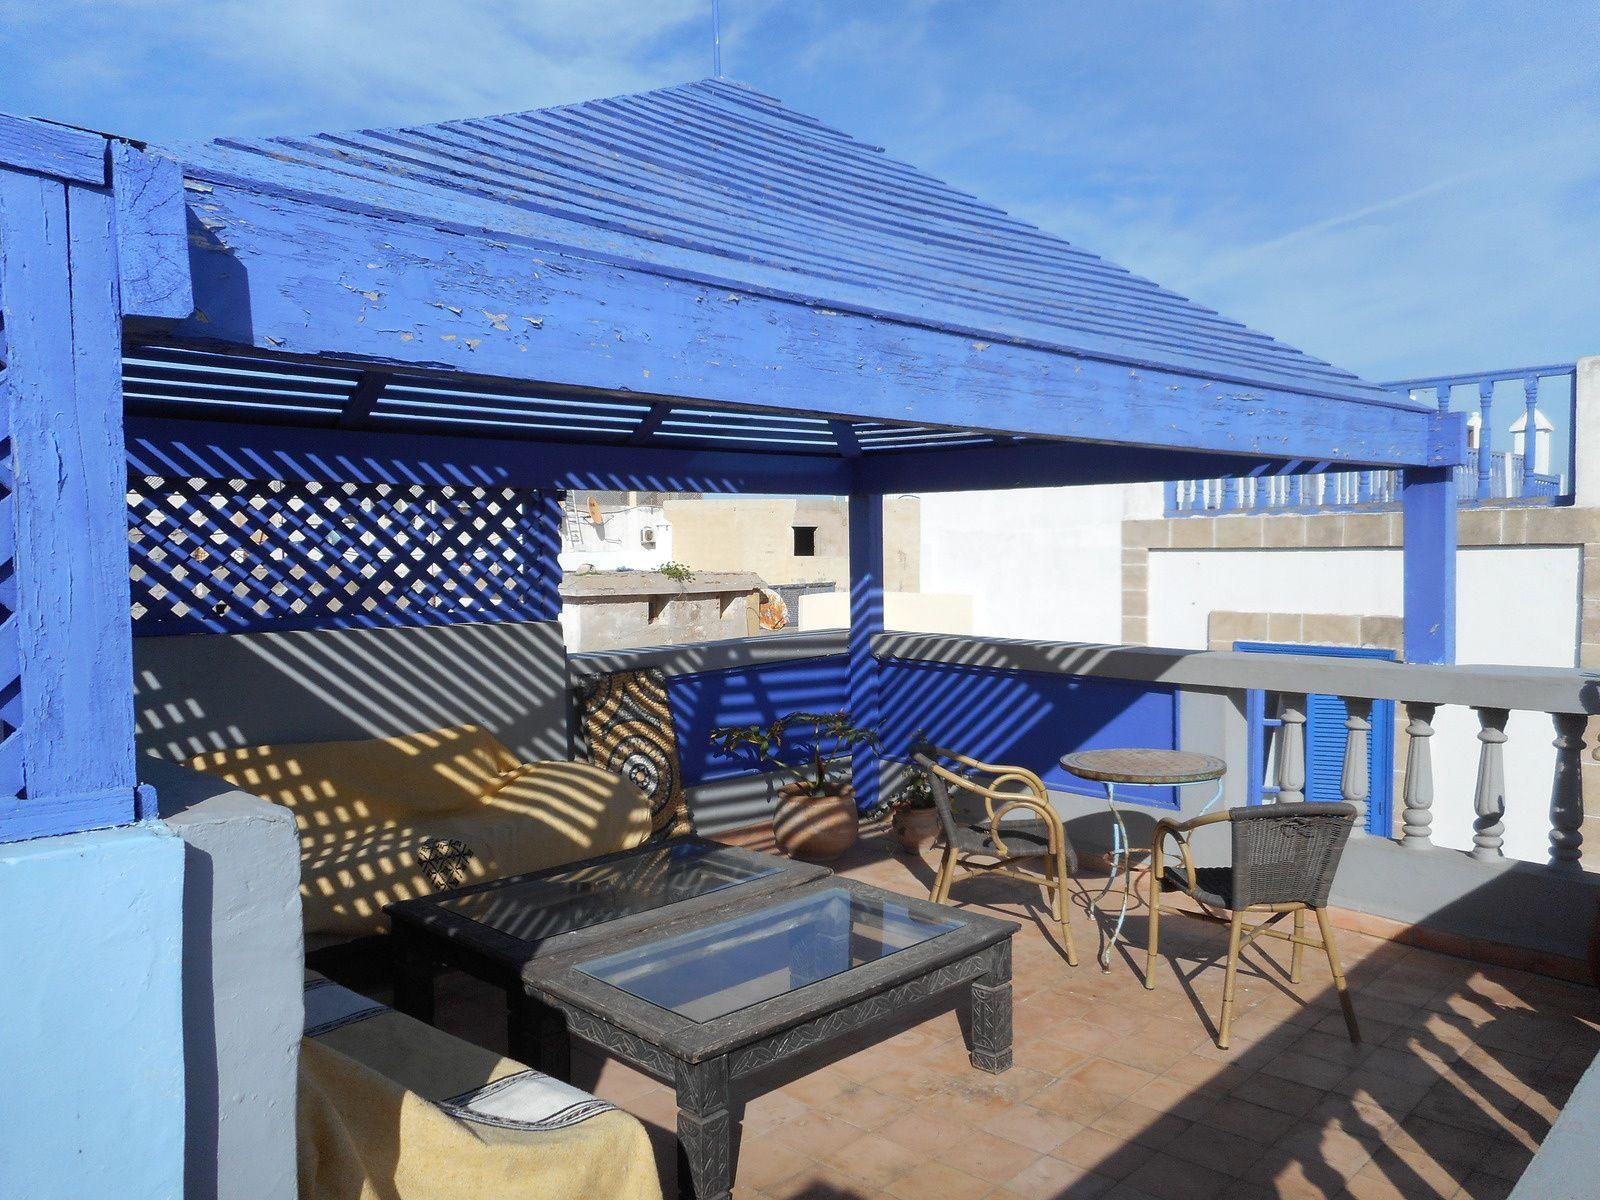 Notre petit riad avec sa terrasse ensoleillée pour le petit déjeuner :)